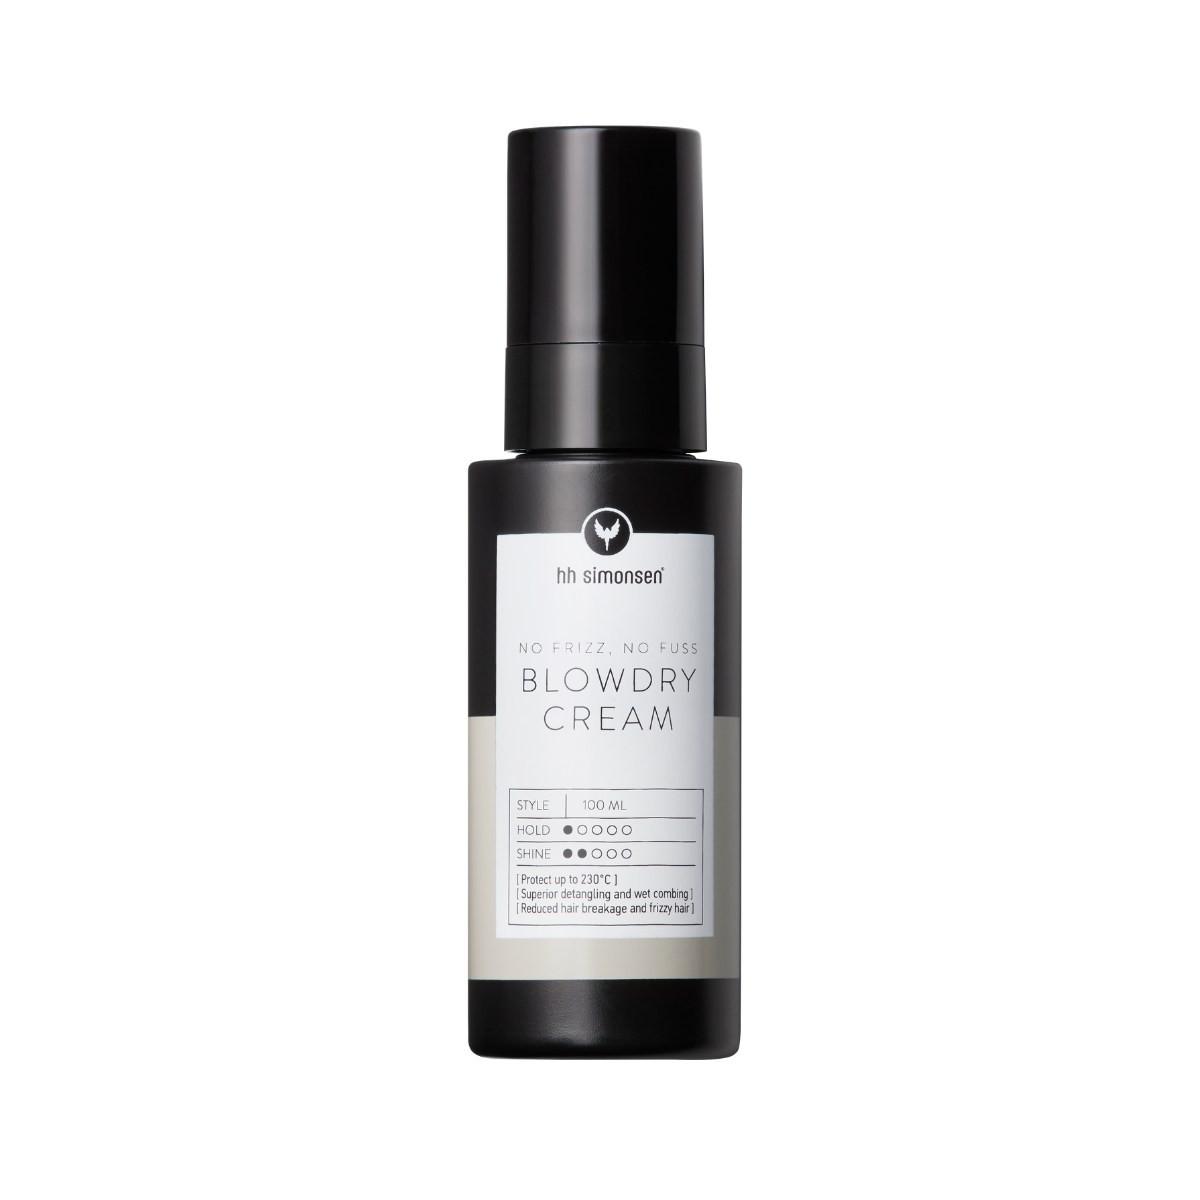 HH SIMONSEN Blowdry Cream 150ml - Krem do stylizacji włosów z wyciągiem z miodu